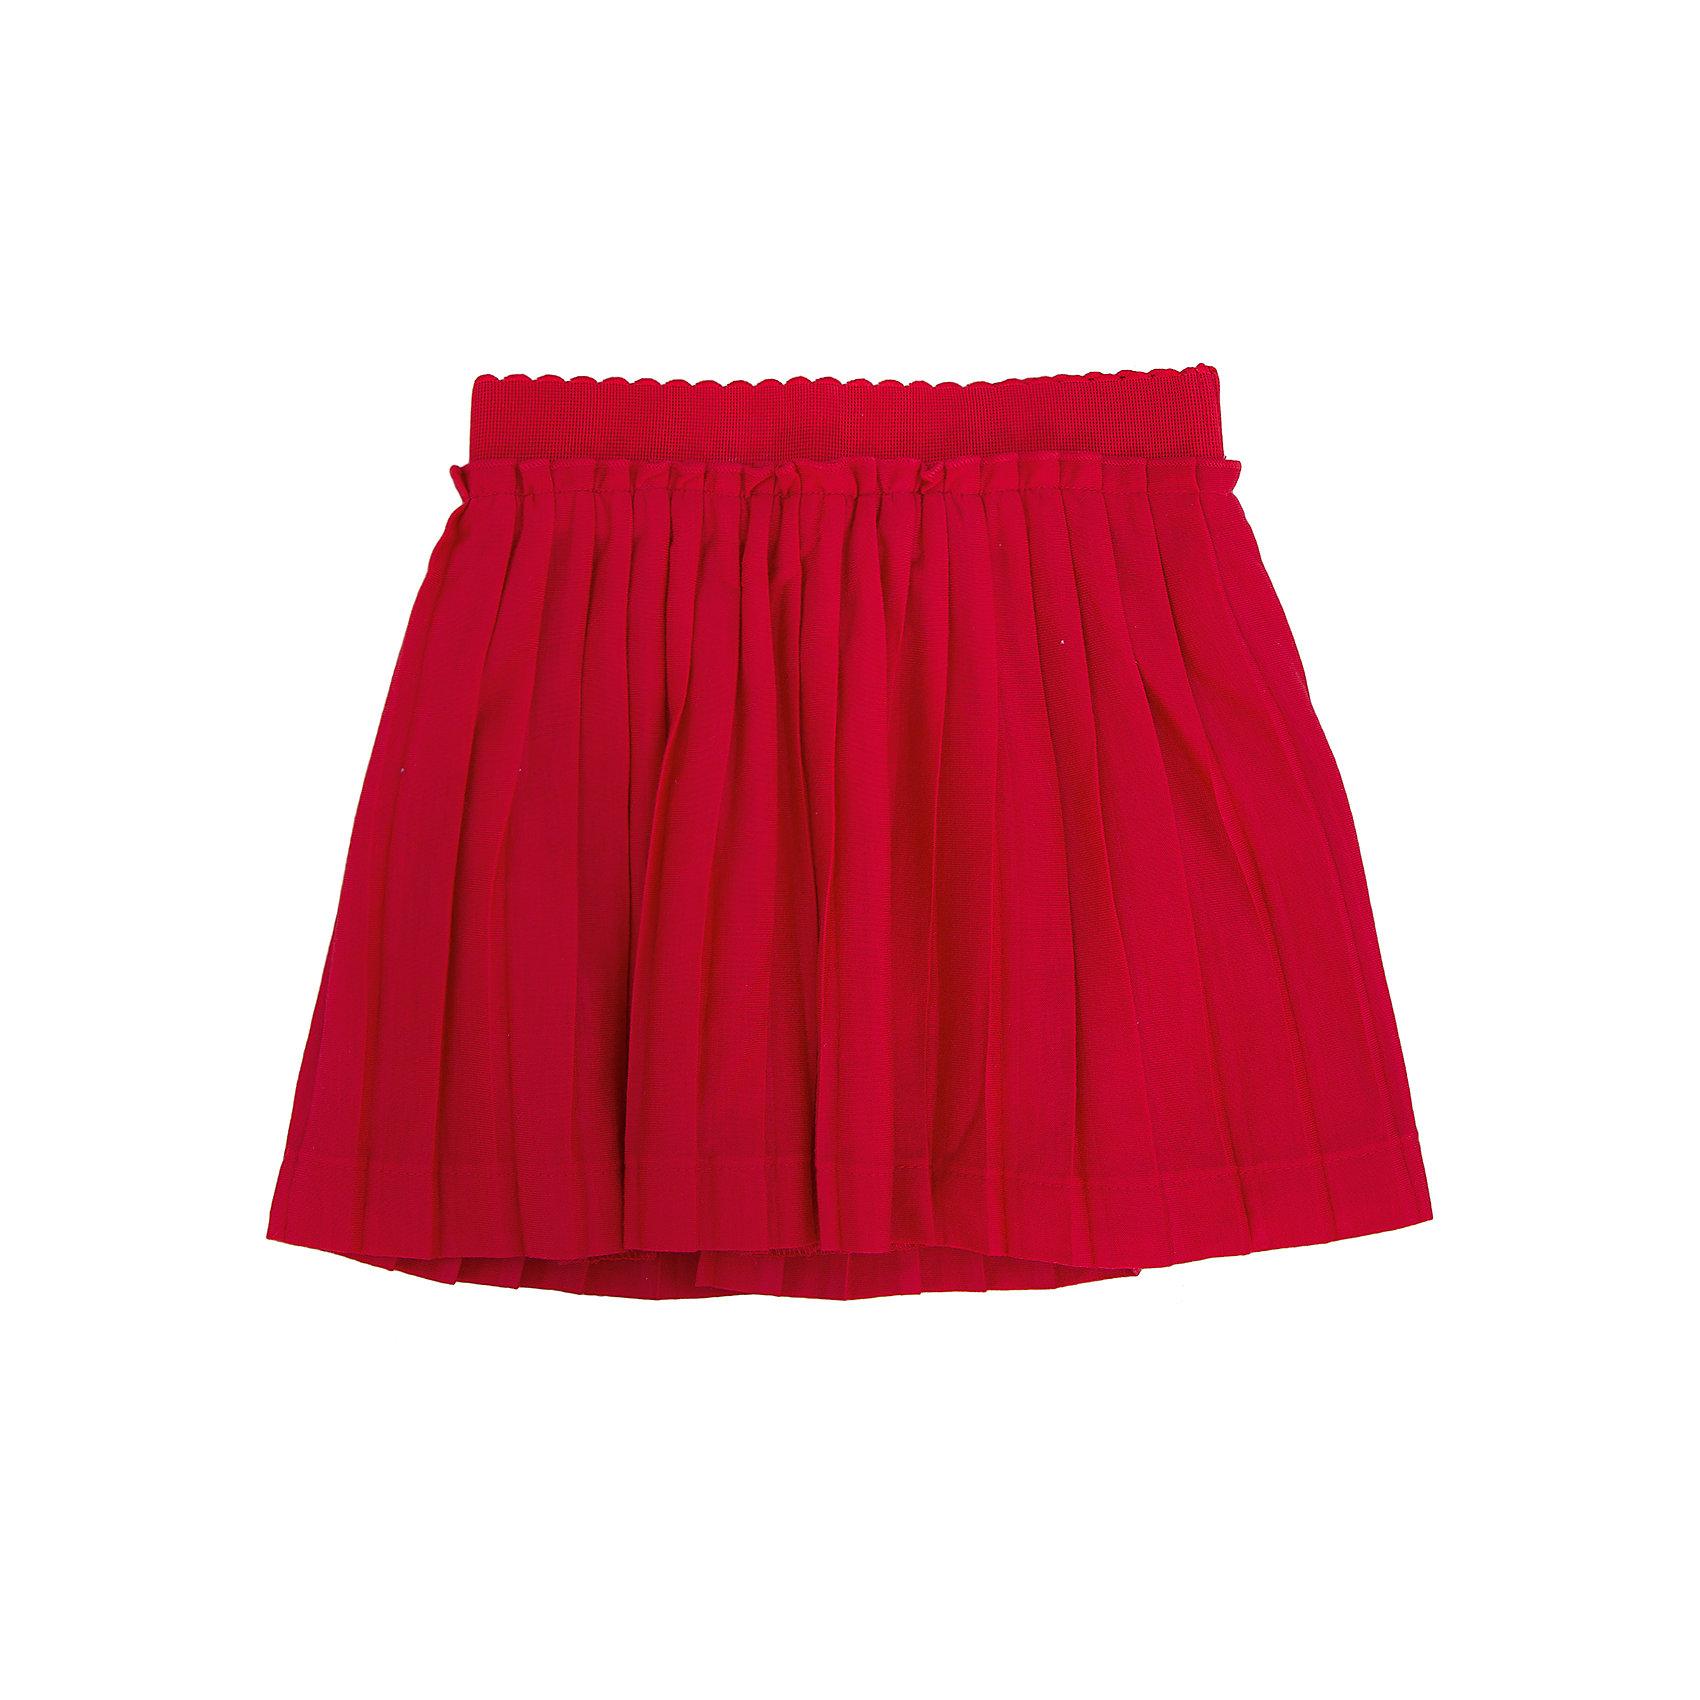 Юбка для девочки PlayTodayЮбки<br>Юбка для девочки от известного бренда PlayToday.<br>Воздушная плиссированная юбка яркого красного цвета. Внутри мягкая трикотажная подкладка, пояс на резинке.<br>Состав:<br>Верх: 100% полиэстер, Подкладка: 100% хлопок<br><br>Ширина мм: 207<br>Глубина мм: 10<br>Высота мм: 189<br>Вес г: 183<br>Цвет: красный<br>Возраст от месяцев: 36<br>Возраст до месяцев: 48<br>Пол: Женский<br>Возраст: Детский<br>Размер: 104,122,128,116,98,110<br>SKU: 4897664